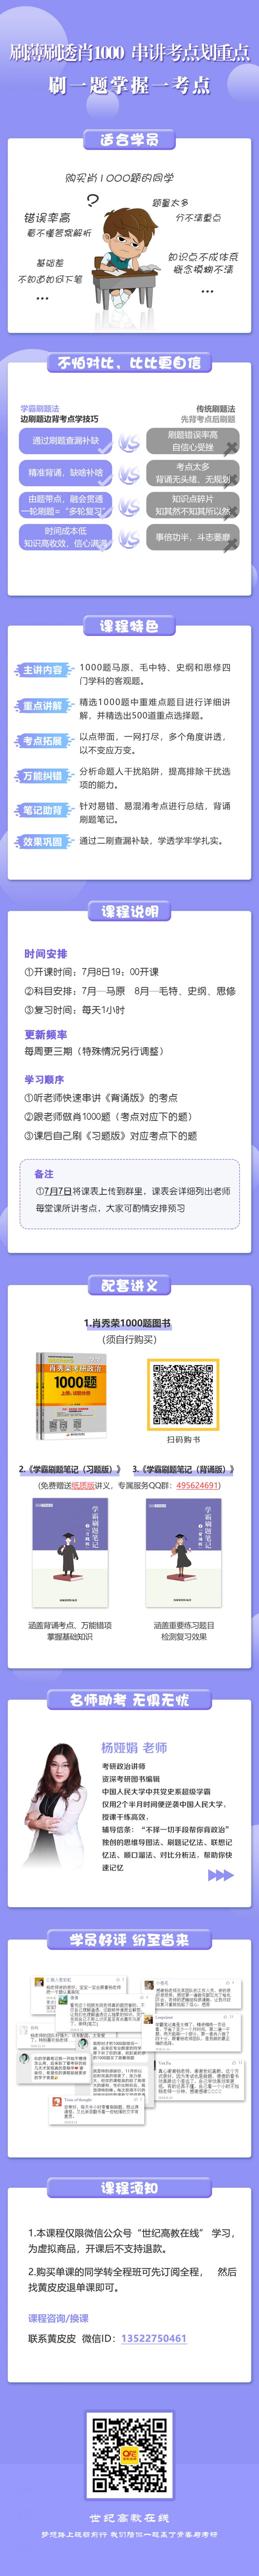 20考研政治刷题班(1).jpg